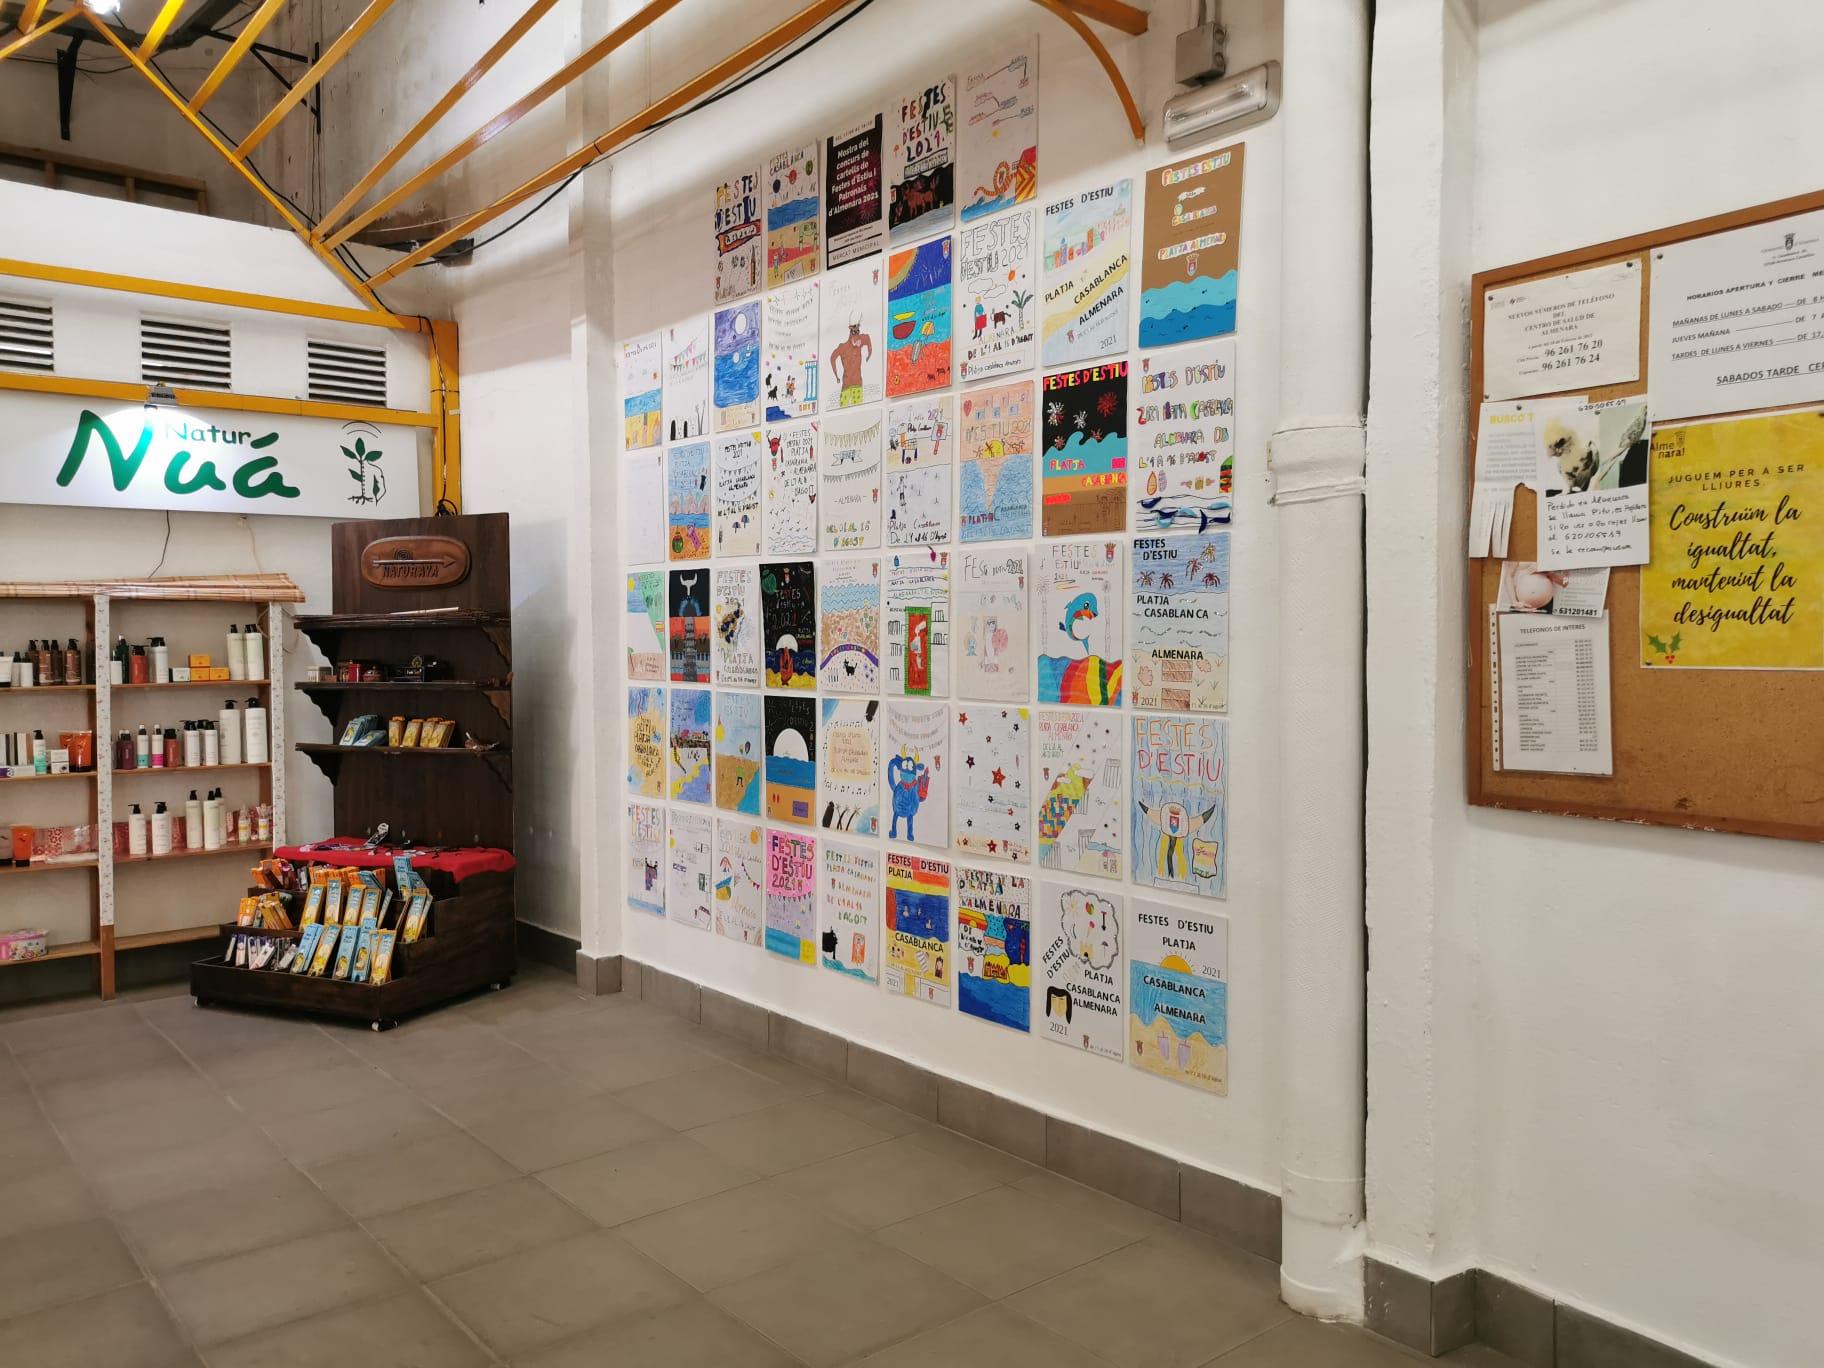 El mercado municipal de Almenara acoge la muestra del concurso de carteles anunciadores